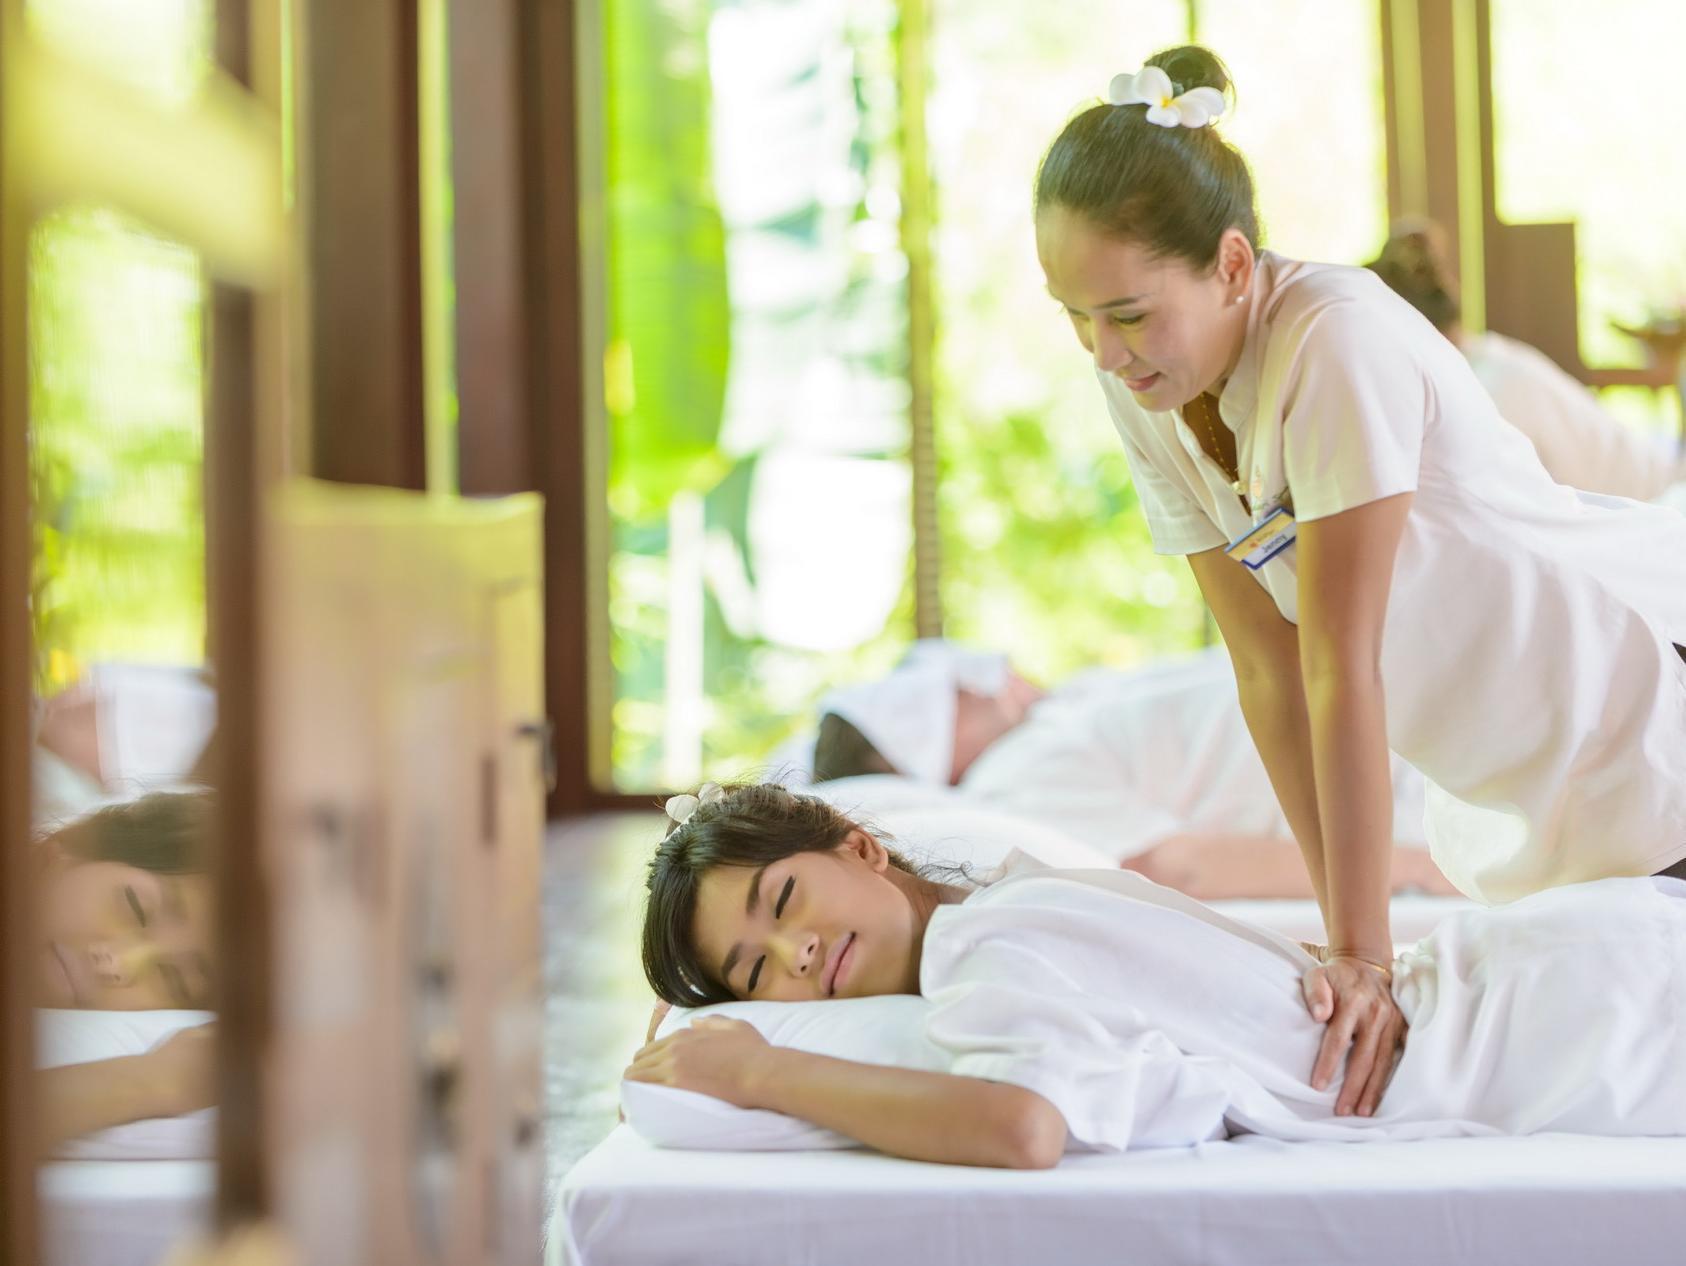 Khaolak Bhandari Resort & Spa เขาหลัก บันดารี รีสอร์ท แอนด์ สปา